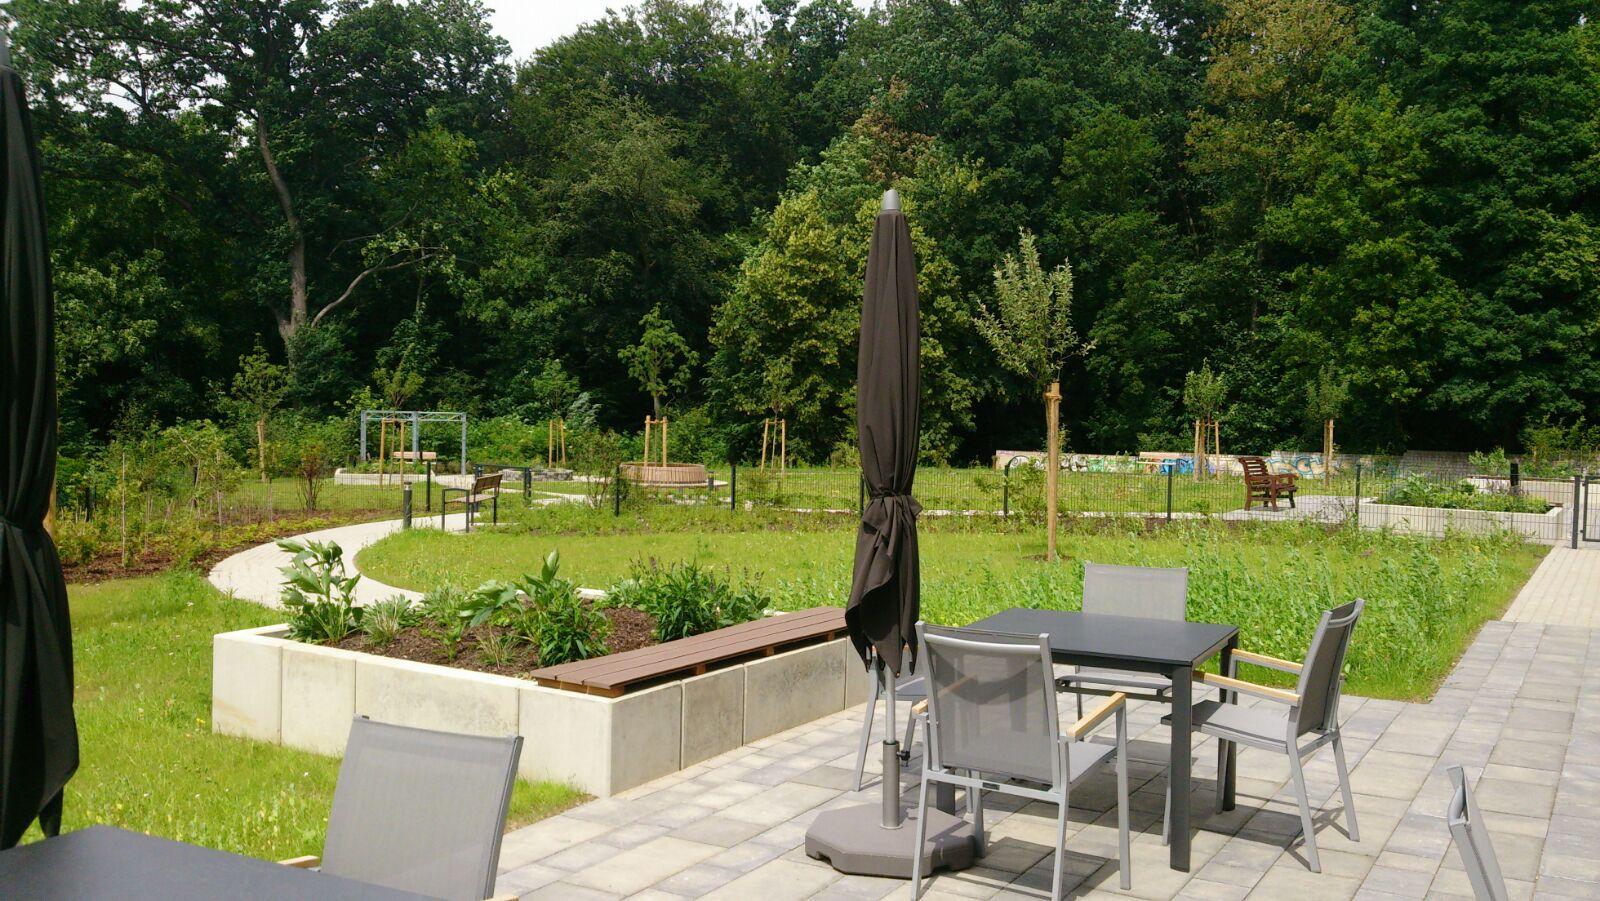 Gartenpflege Altenheim Bad Oeynhausen